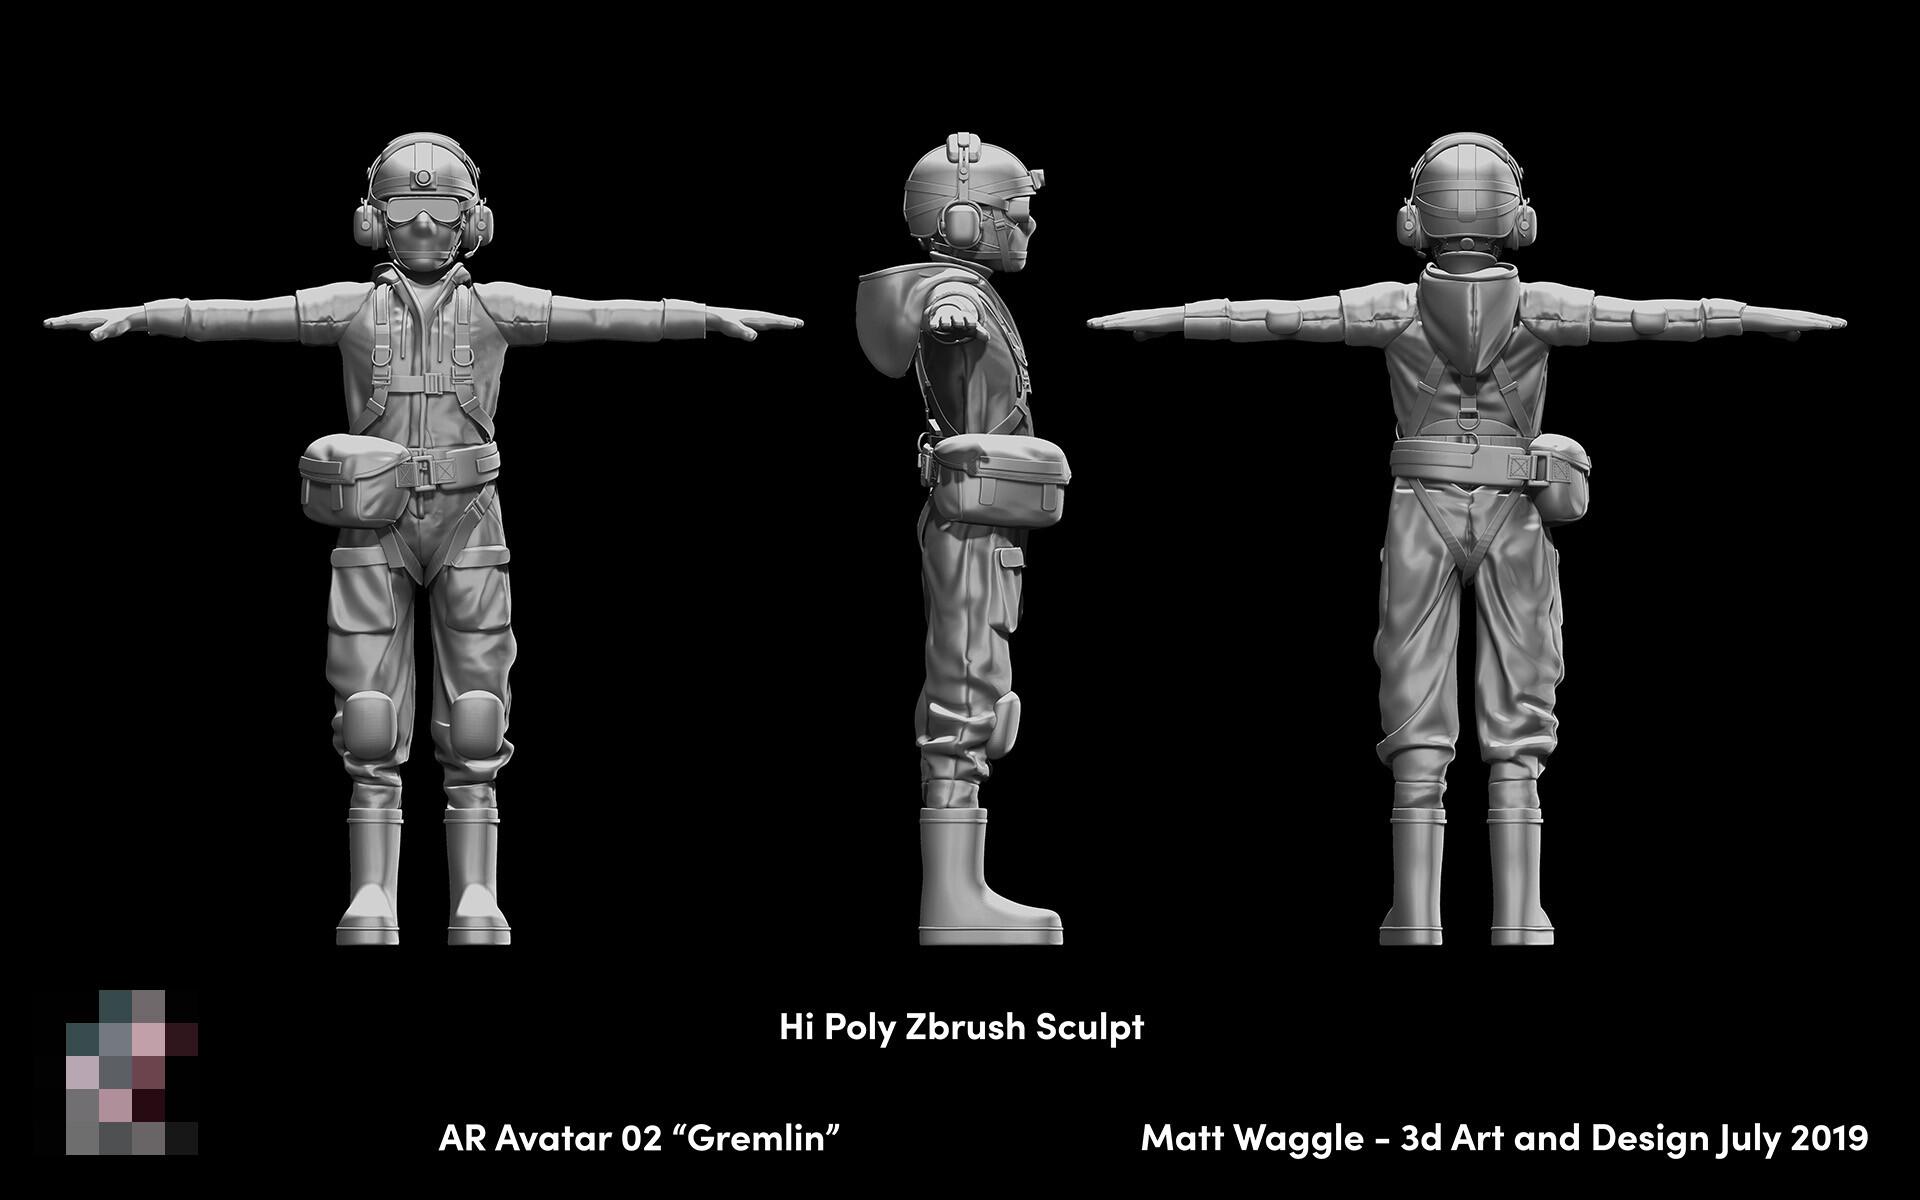 Matt waggle gremlin ar avatar 03 01